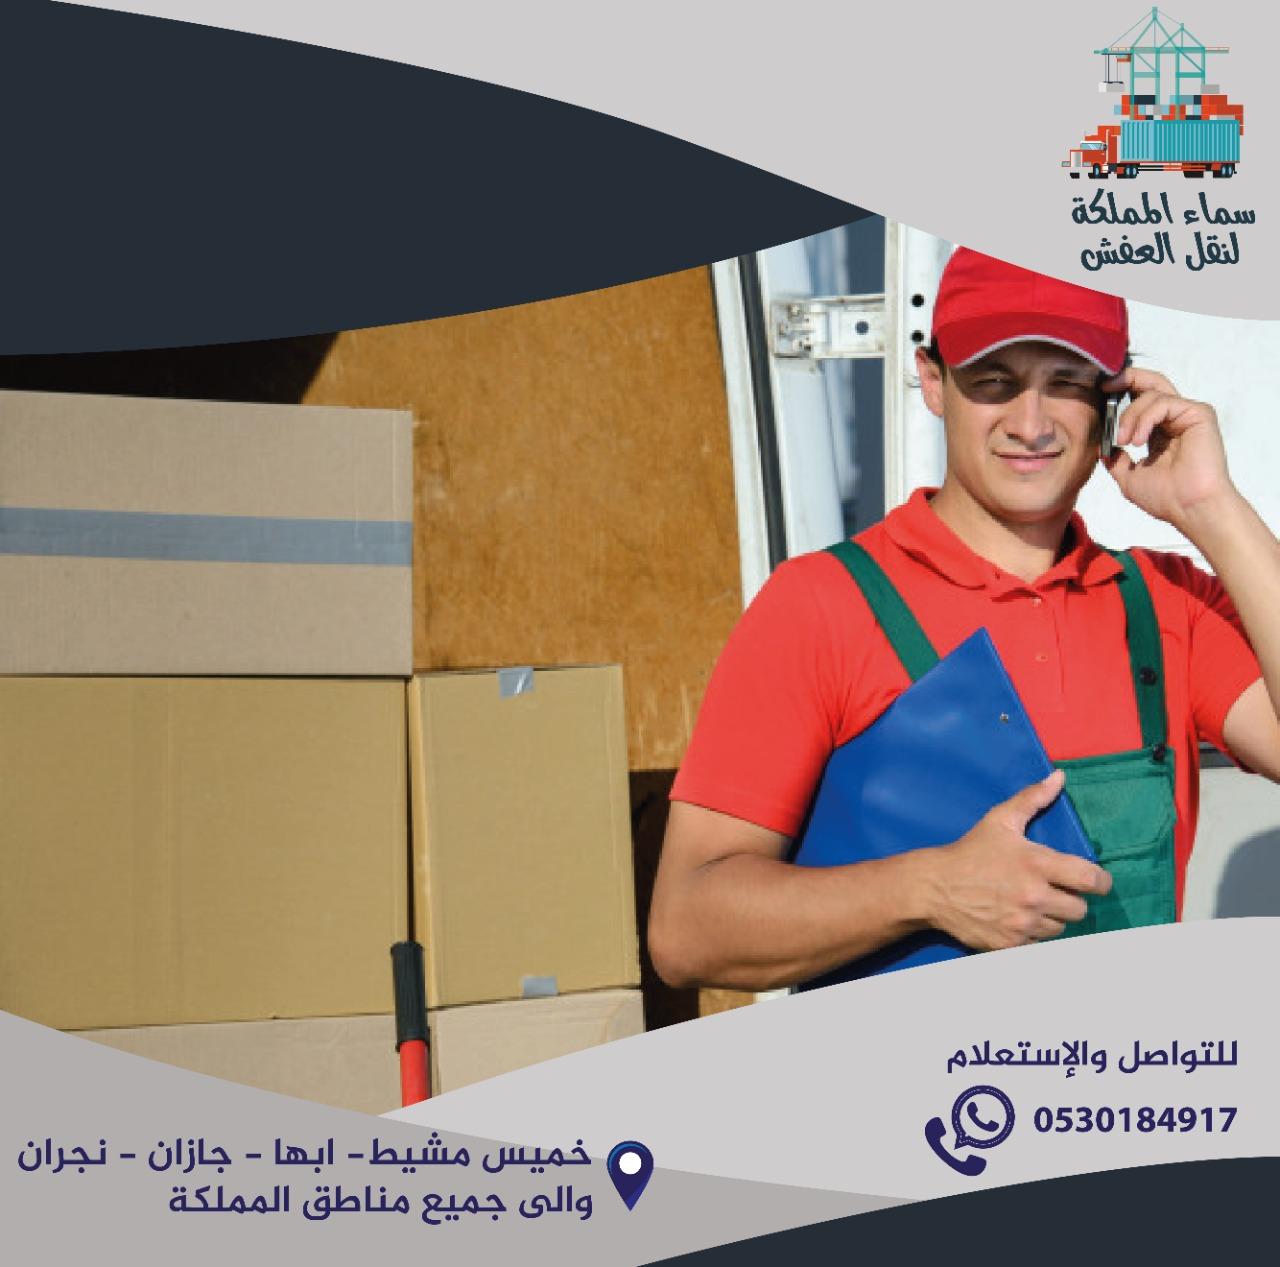 شركة نقل عفش بخميس مشيط 0530184917